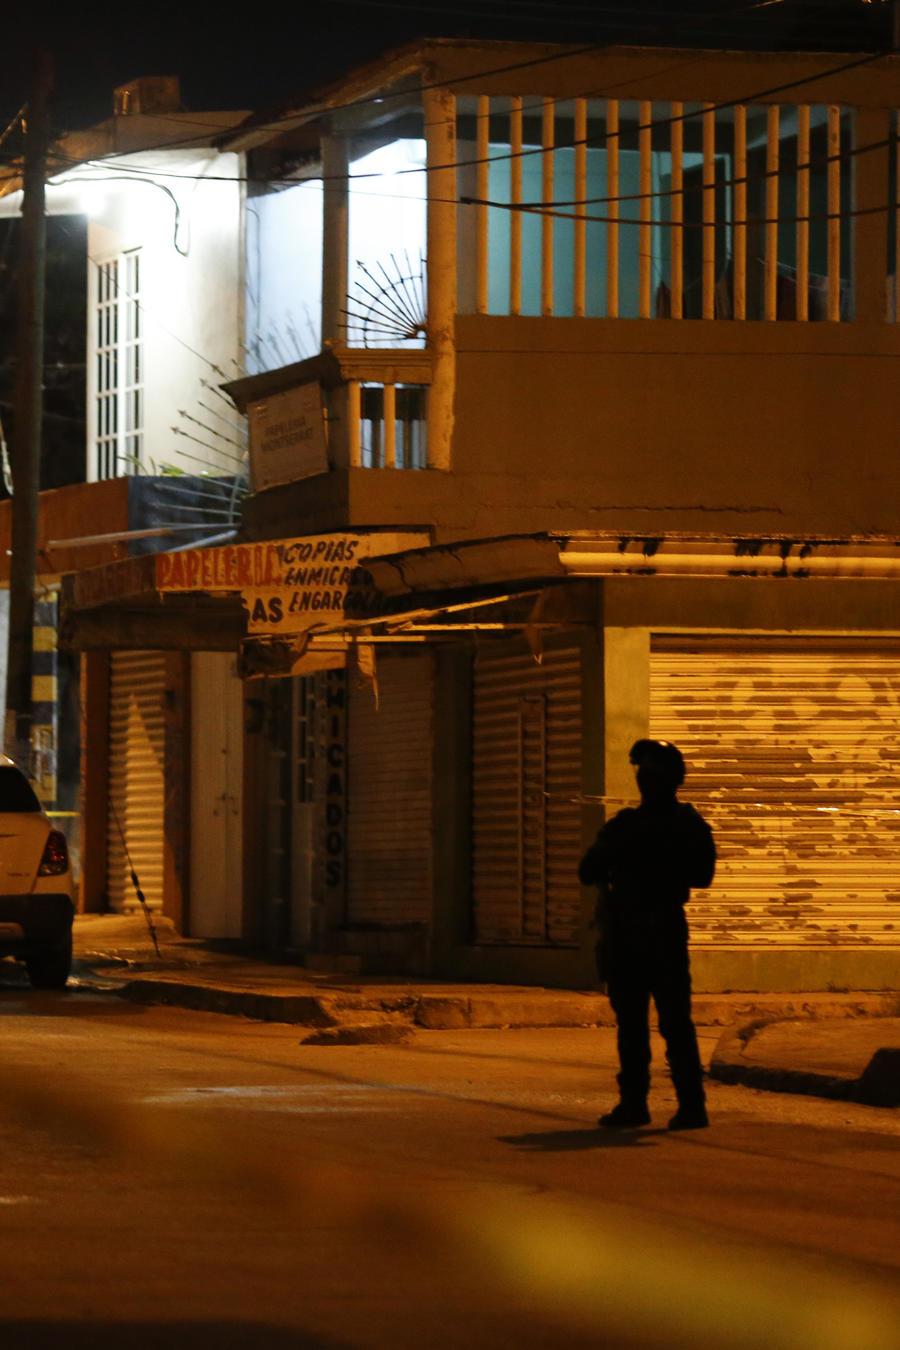 Un oficial vigila una calle desierta en Veracruz, México.